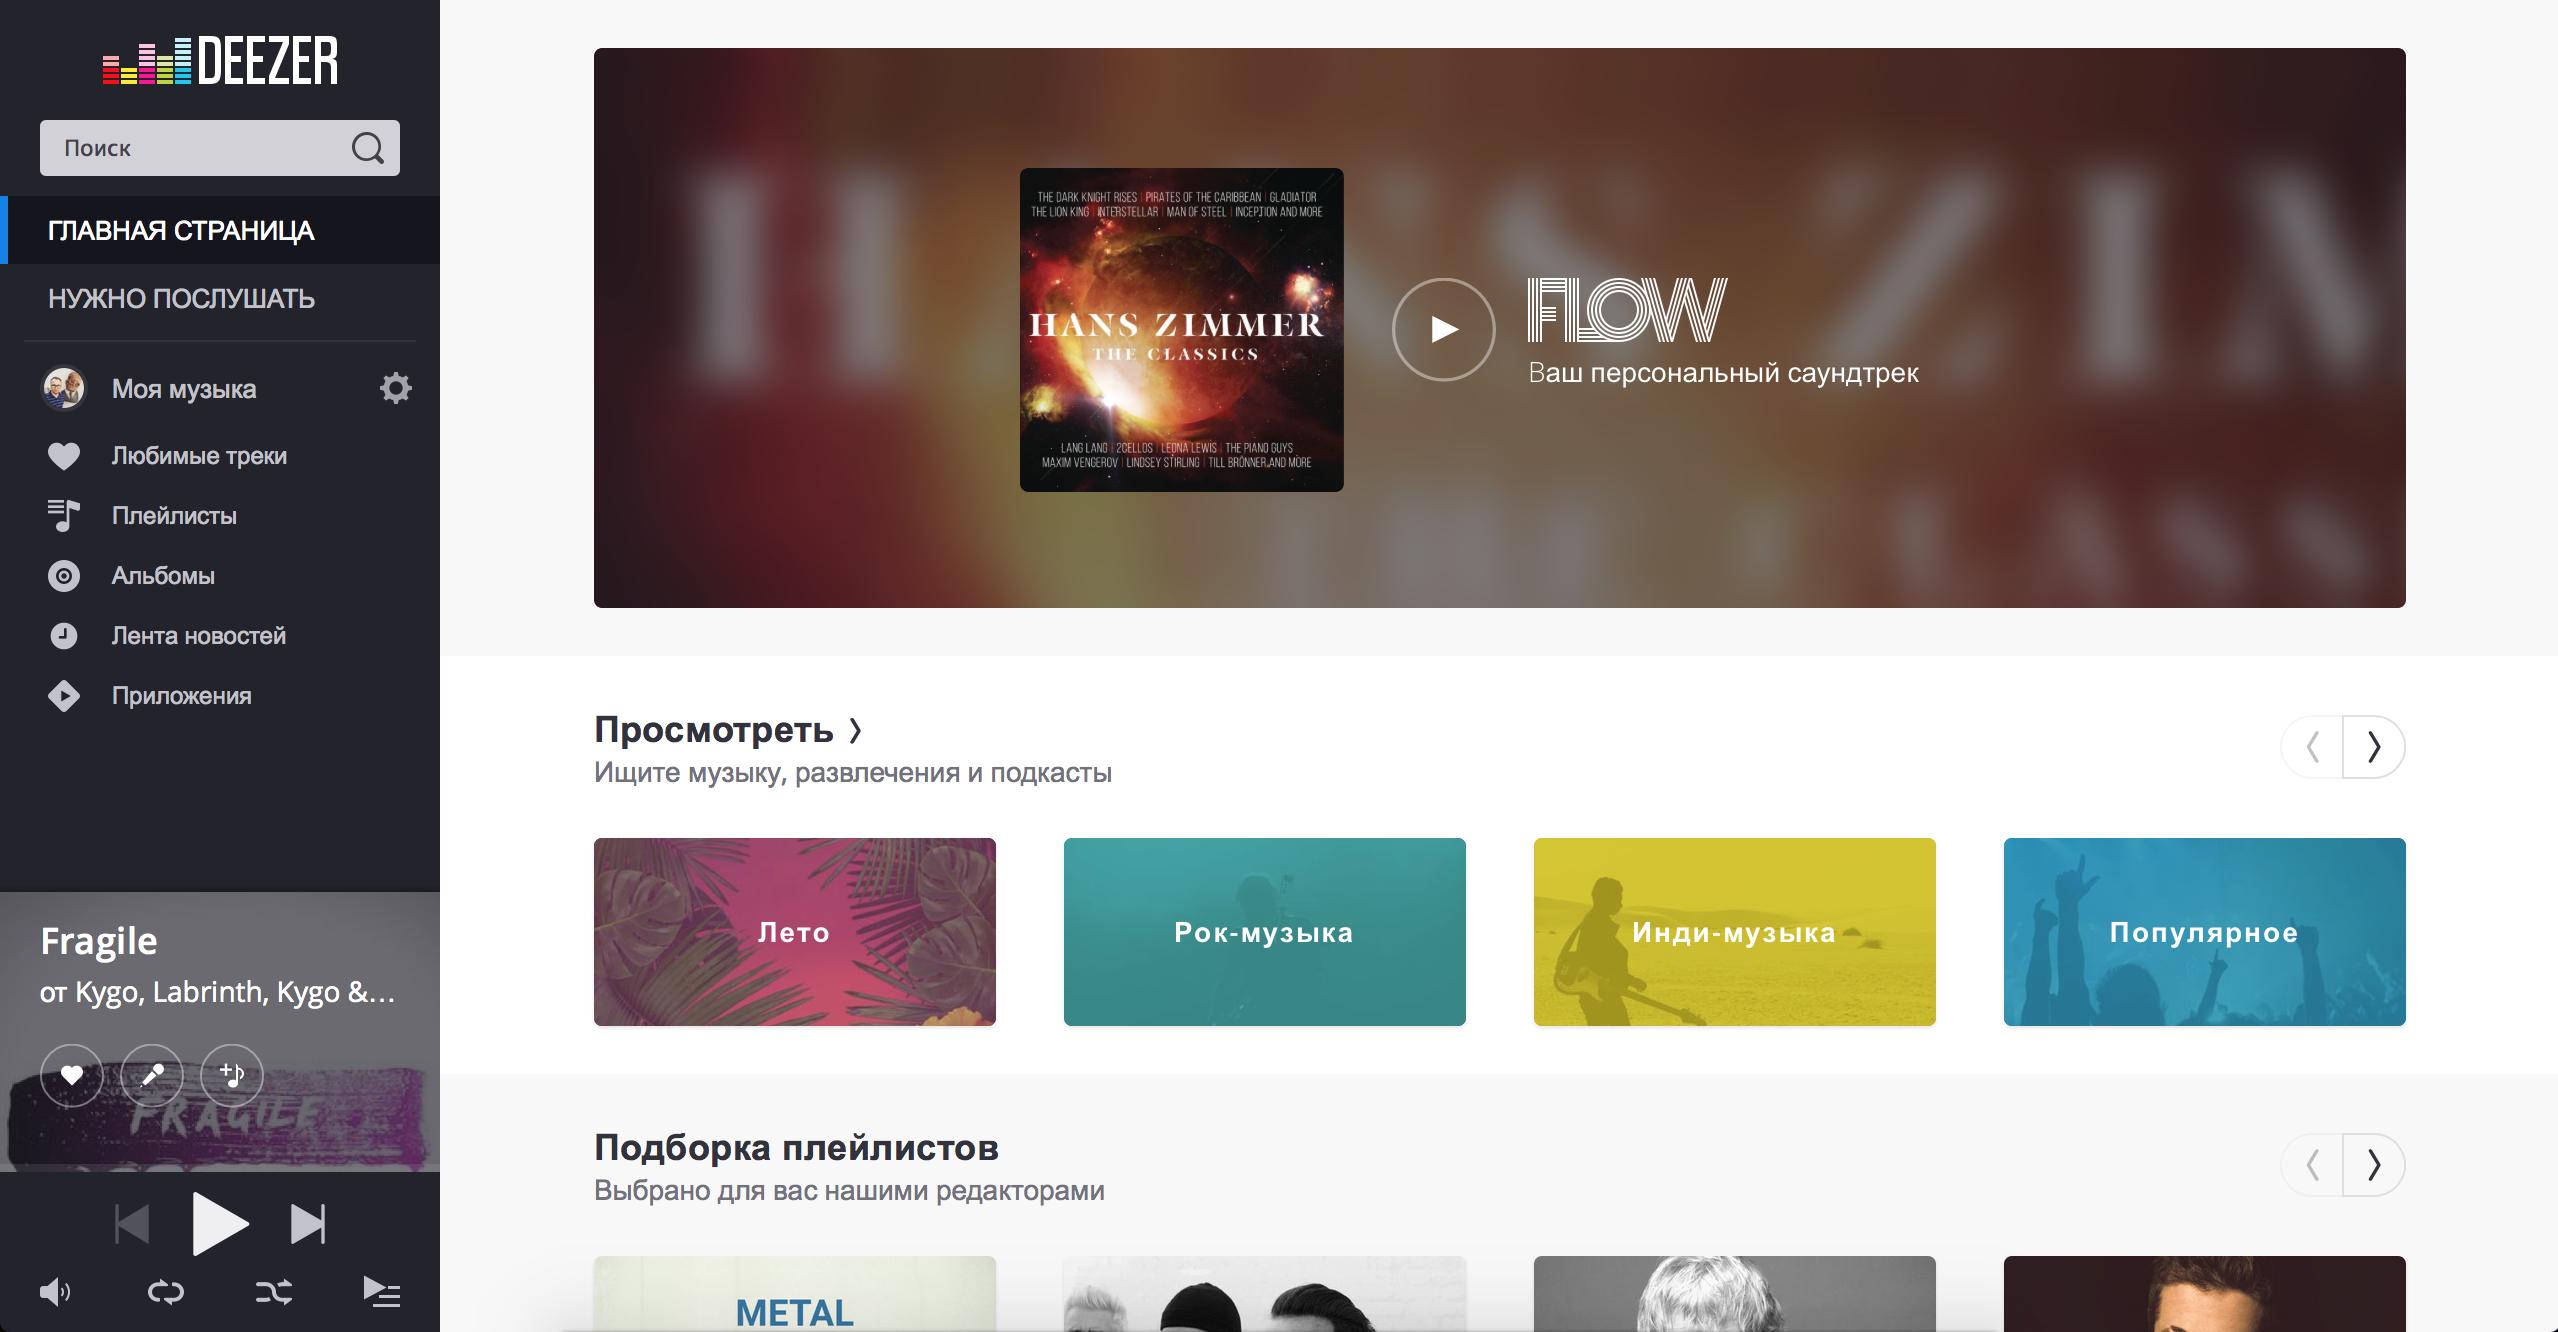 Обзор музыкального сервиса Deezer